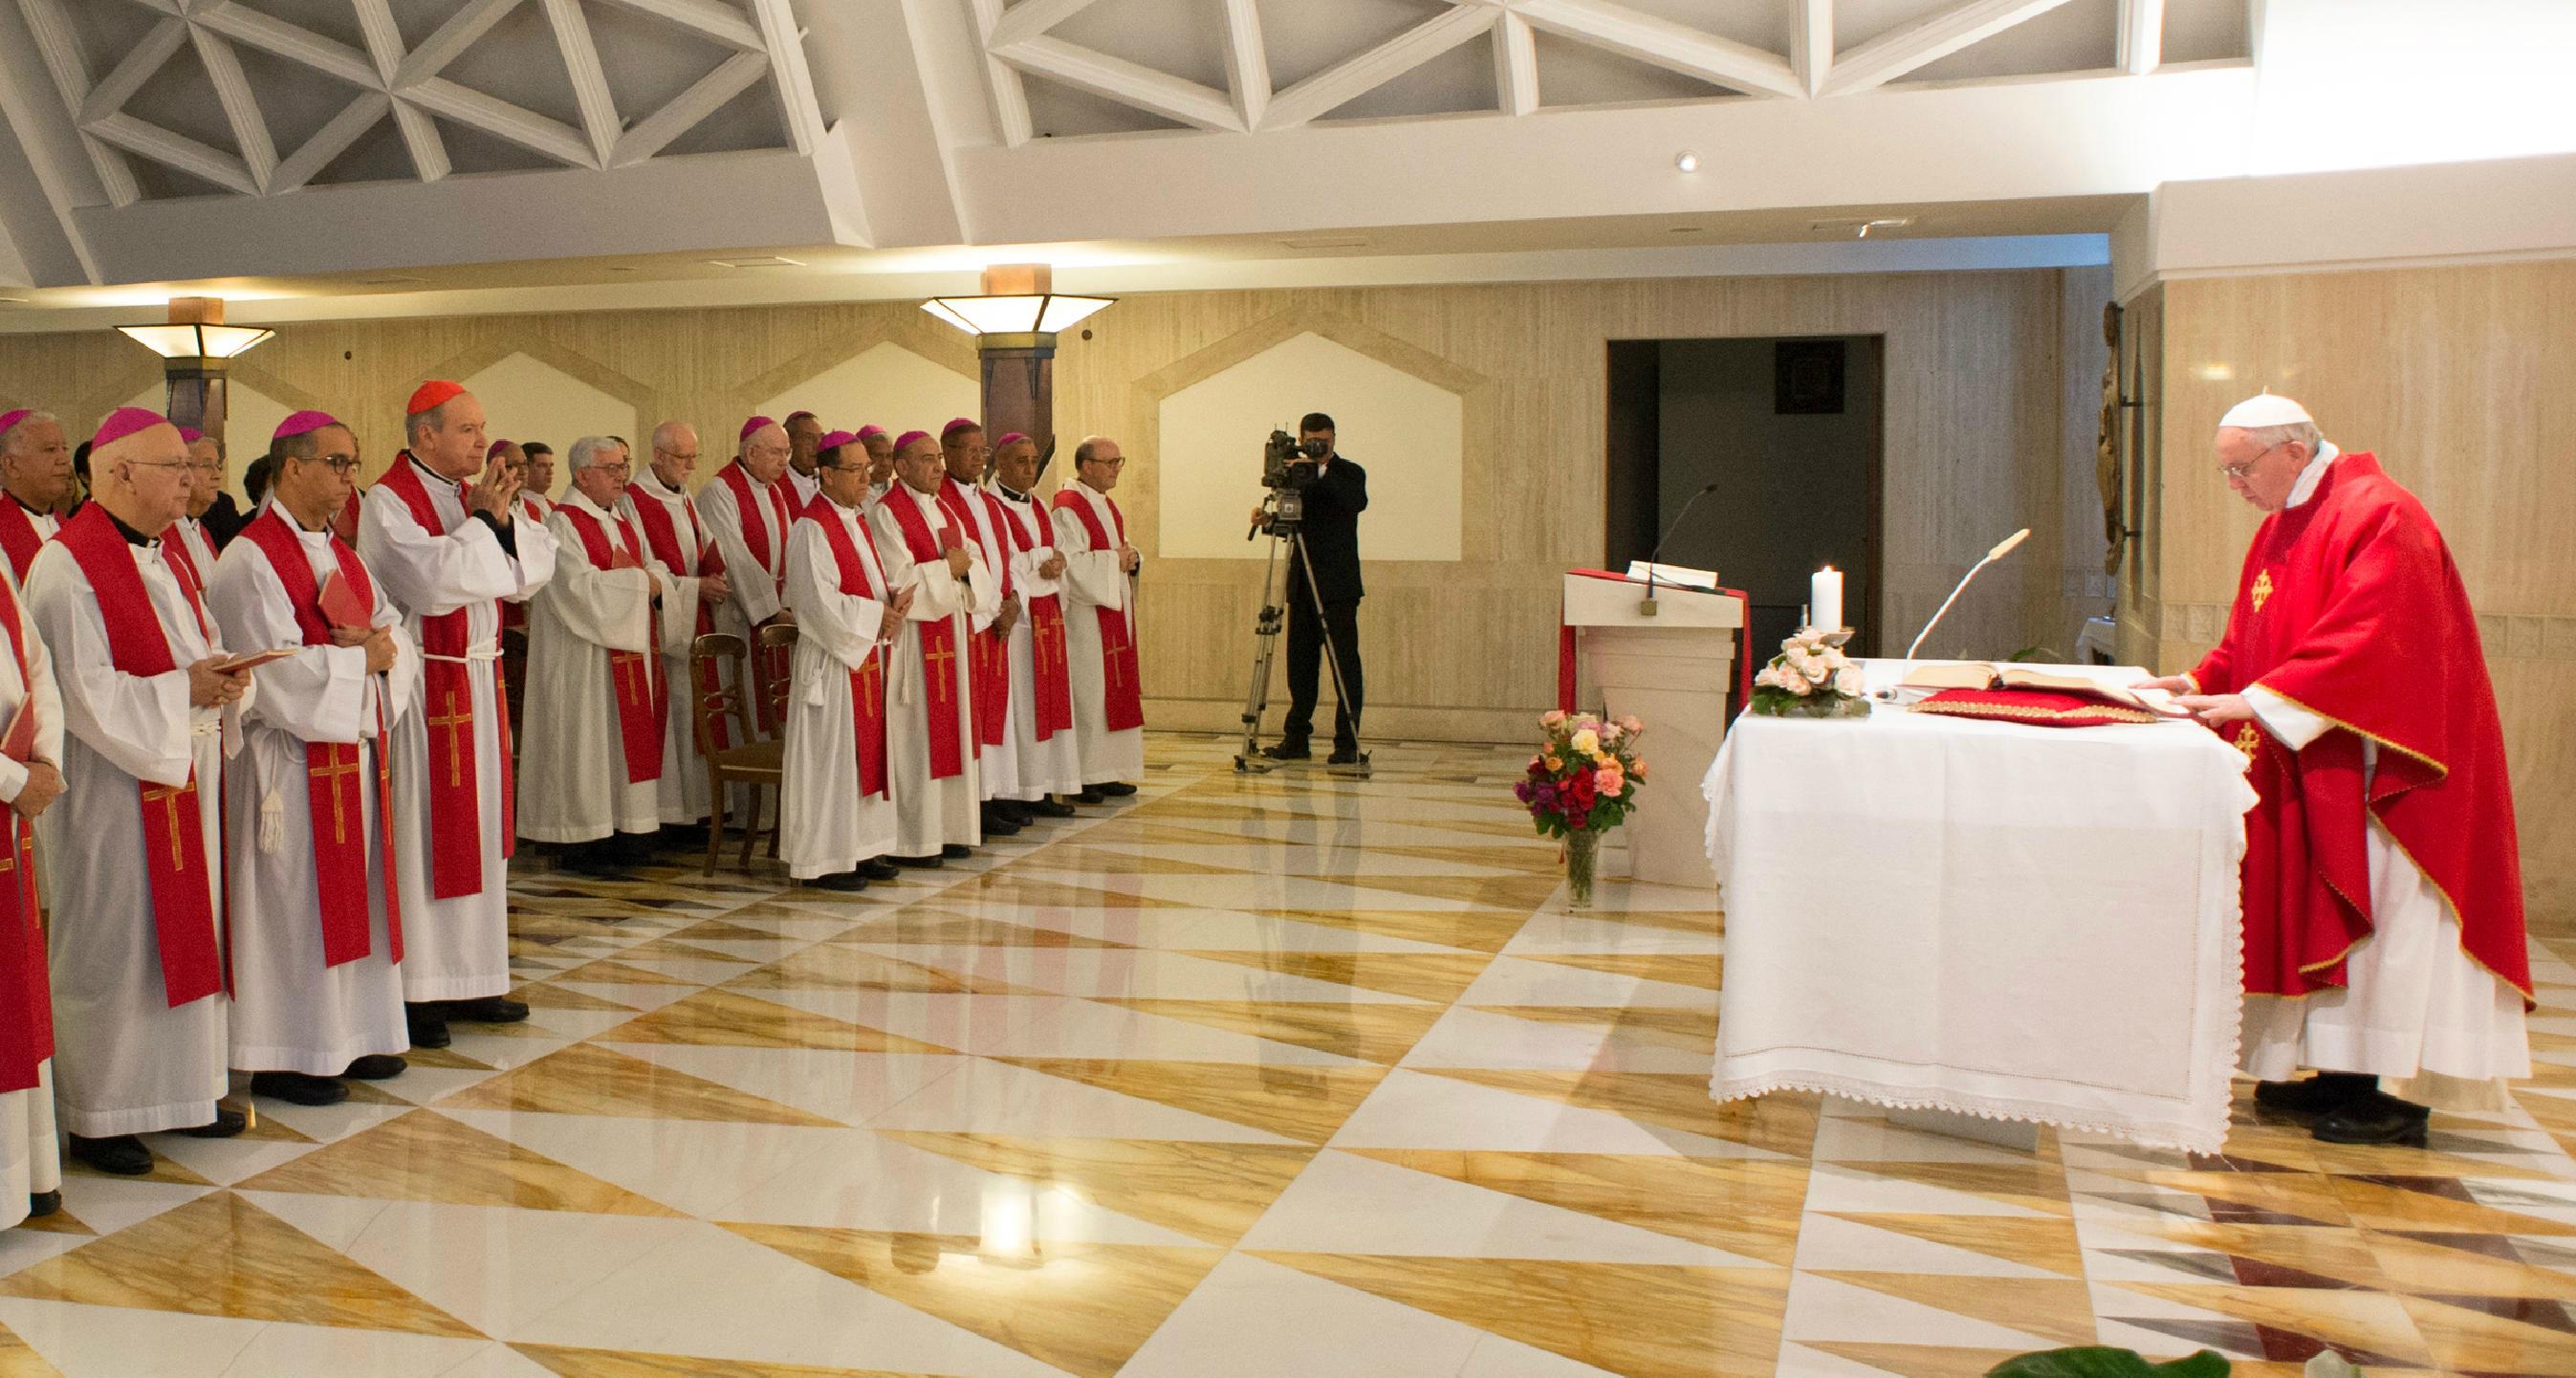 Pope Francis celebrating Mass in Santa Marta